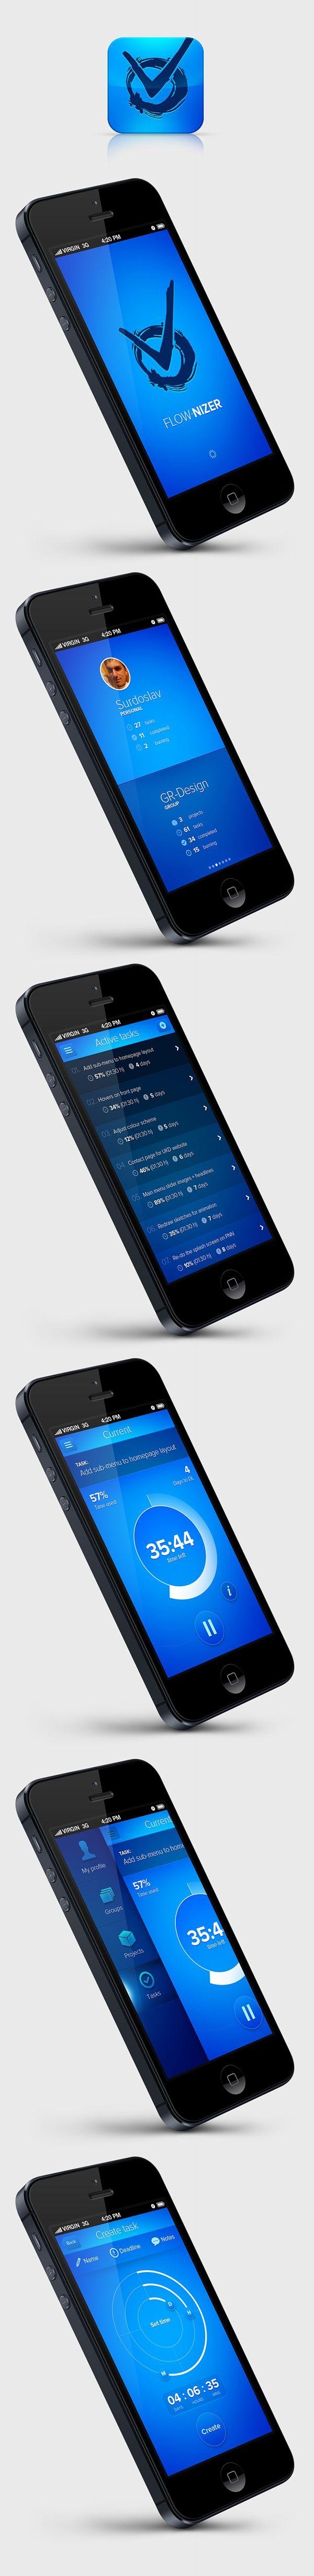 FLOW.NIZER  concept app by Martin Schurdak, via Behance